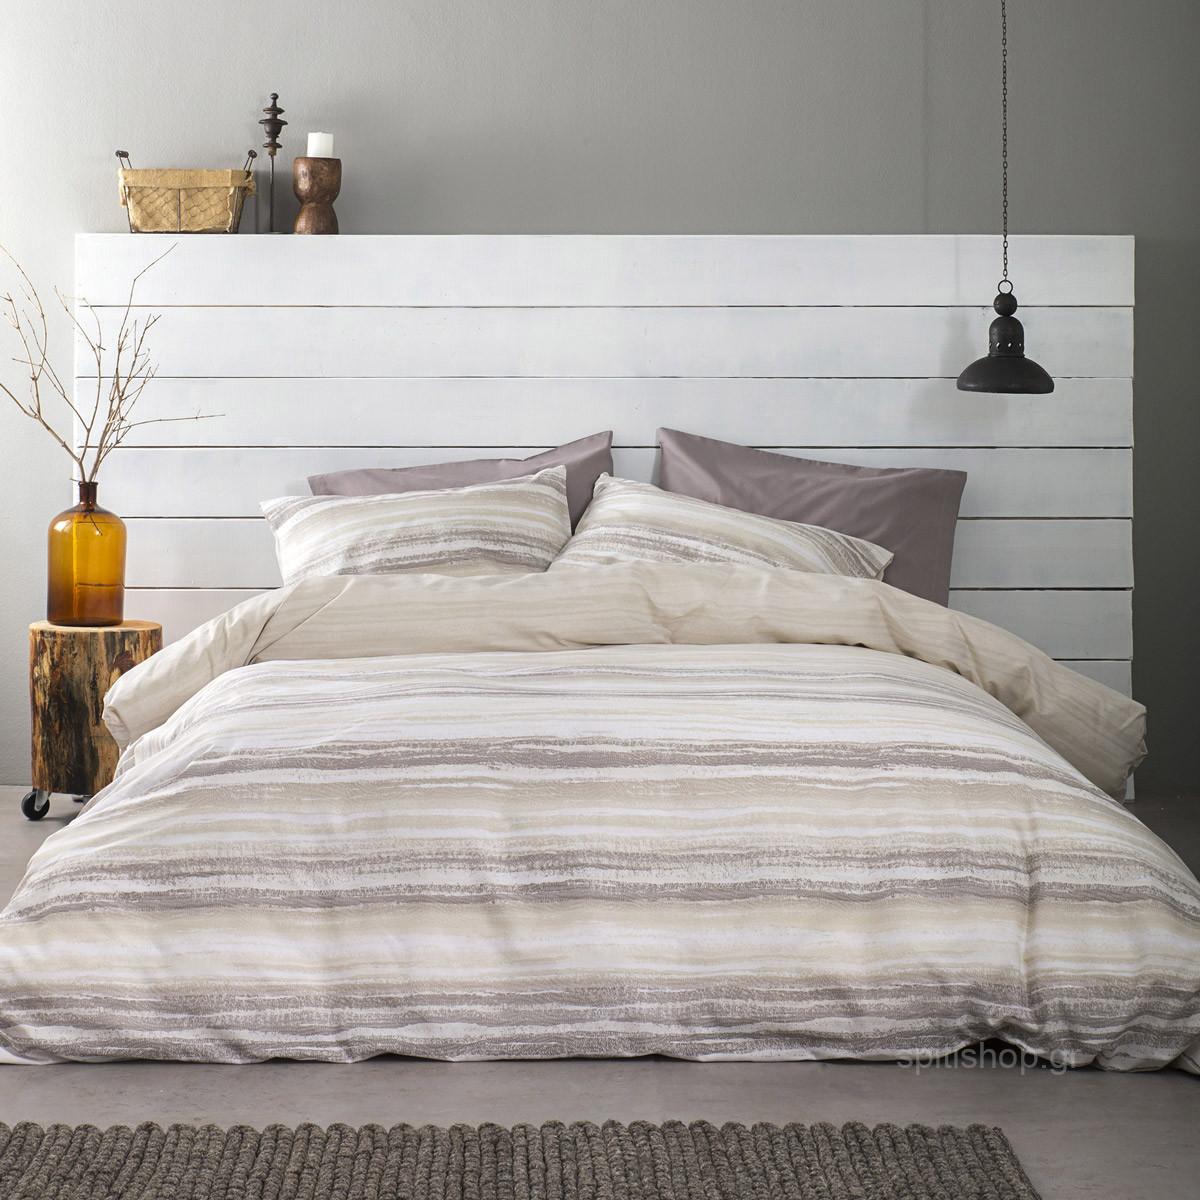 Παπλωματοθήκη Μονή (Σετ) Nima Bed Linen Softwood Earth